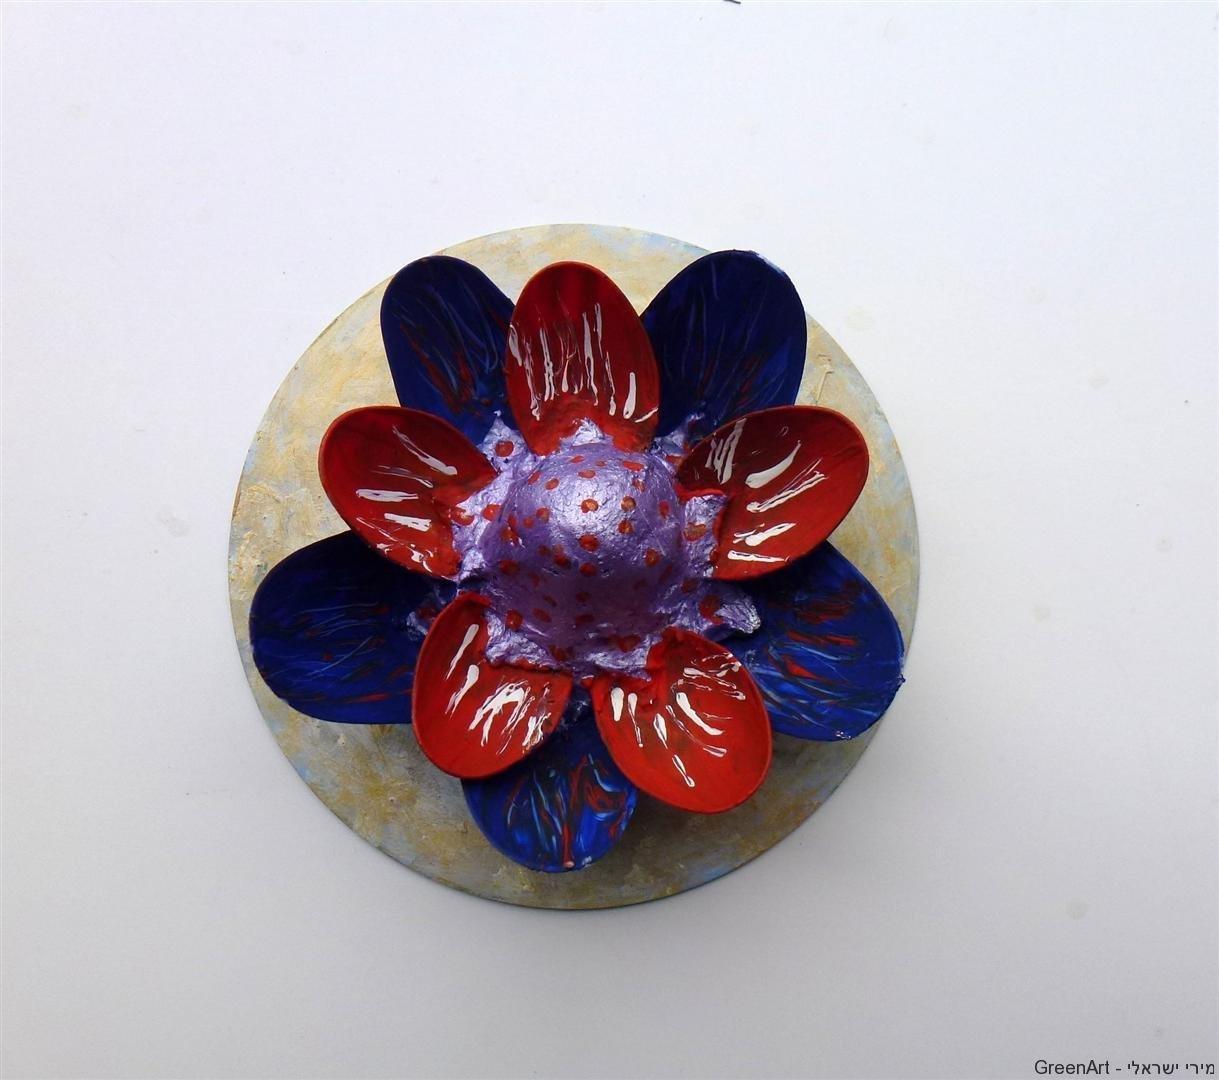 פרחי לוטוס מכפיות פלסטיק  חד פעמיות ותקליטור ישן